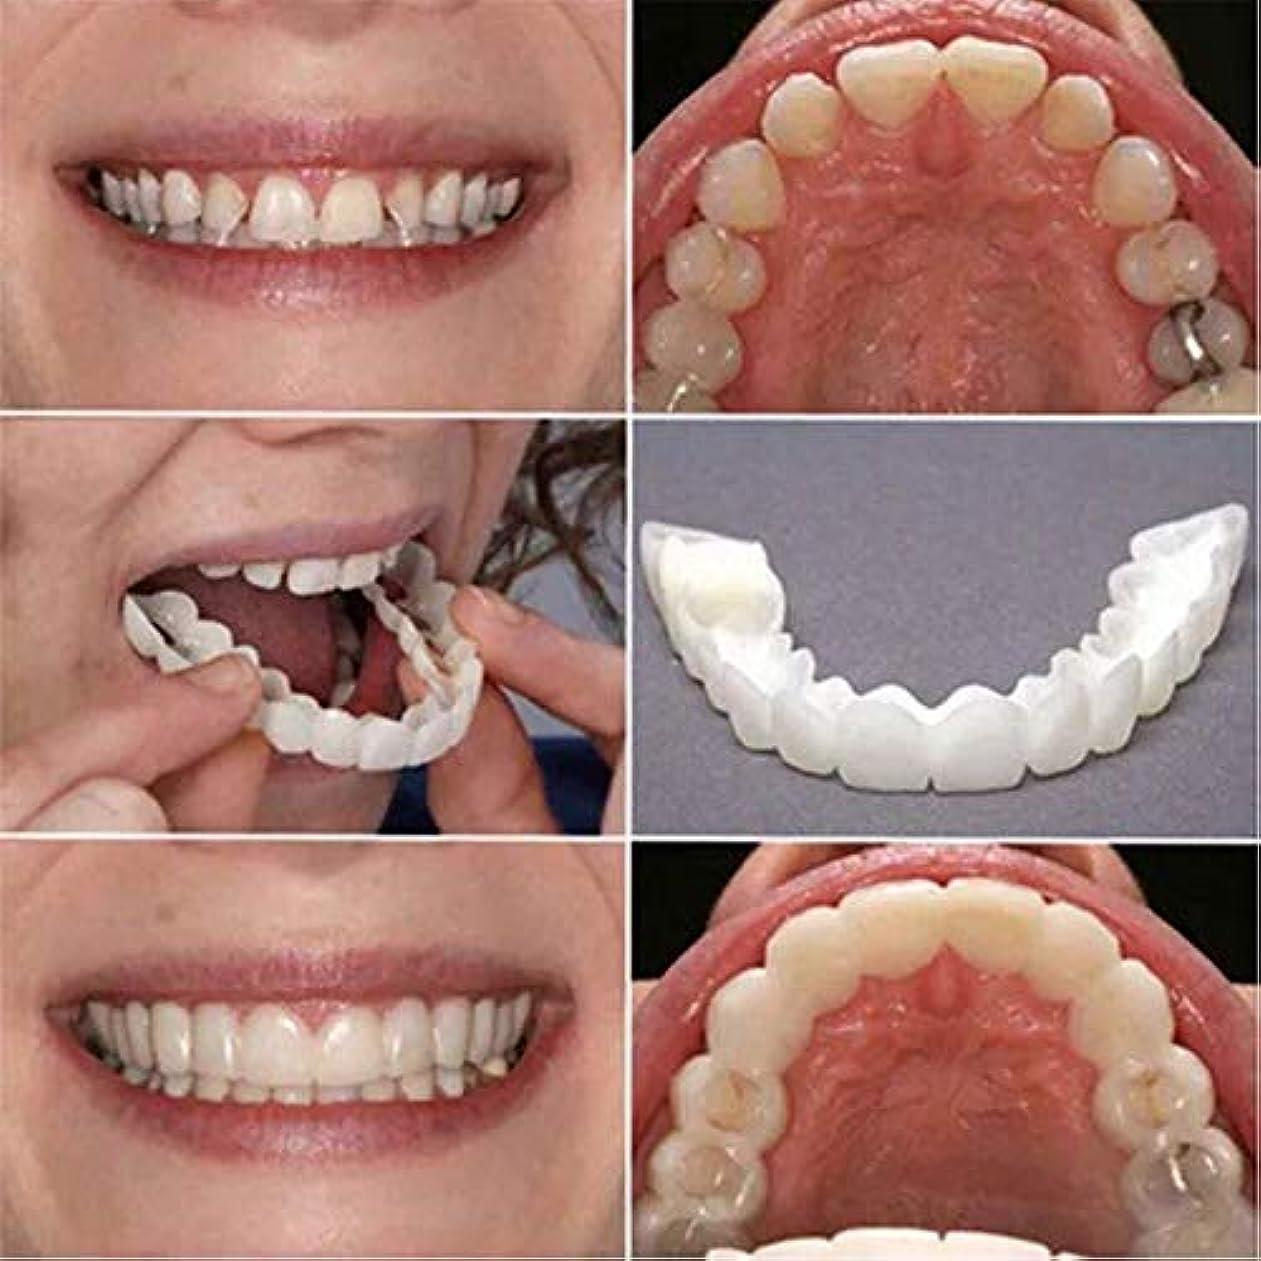 猫背少しおめでとう2個の歯ピースフィッティング快適なフィット歯のソケット義歯口腔用品矯正アクセティース 笑顔を保つ